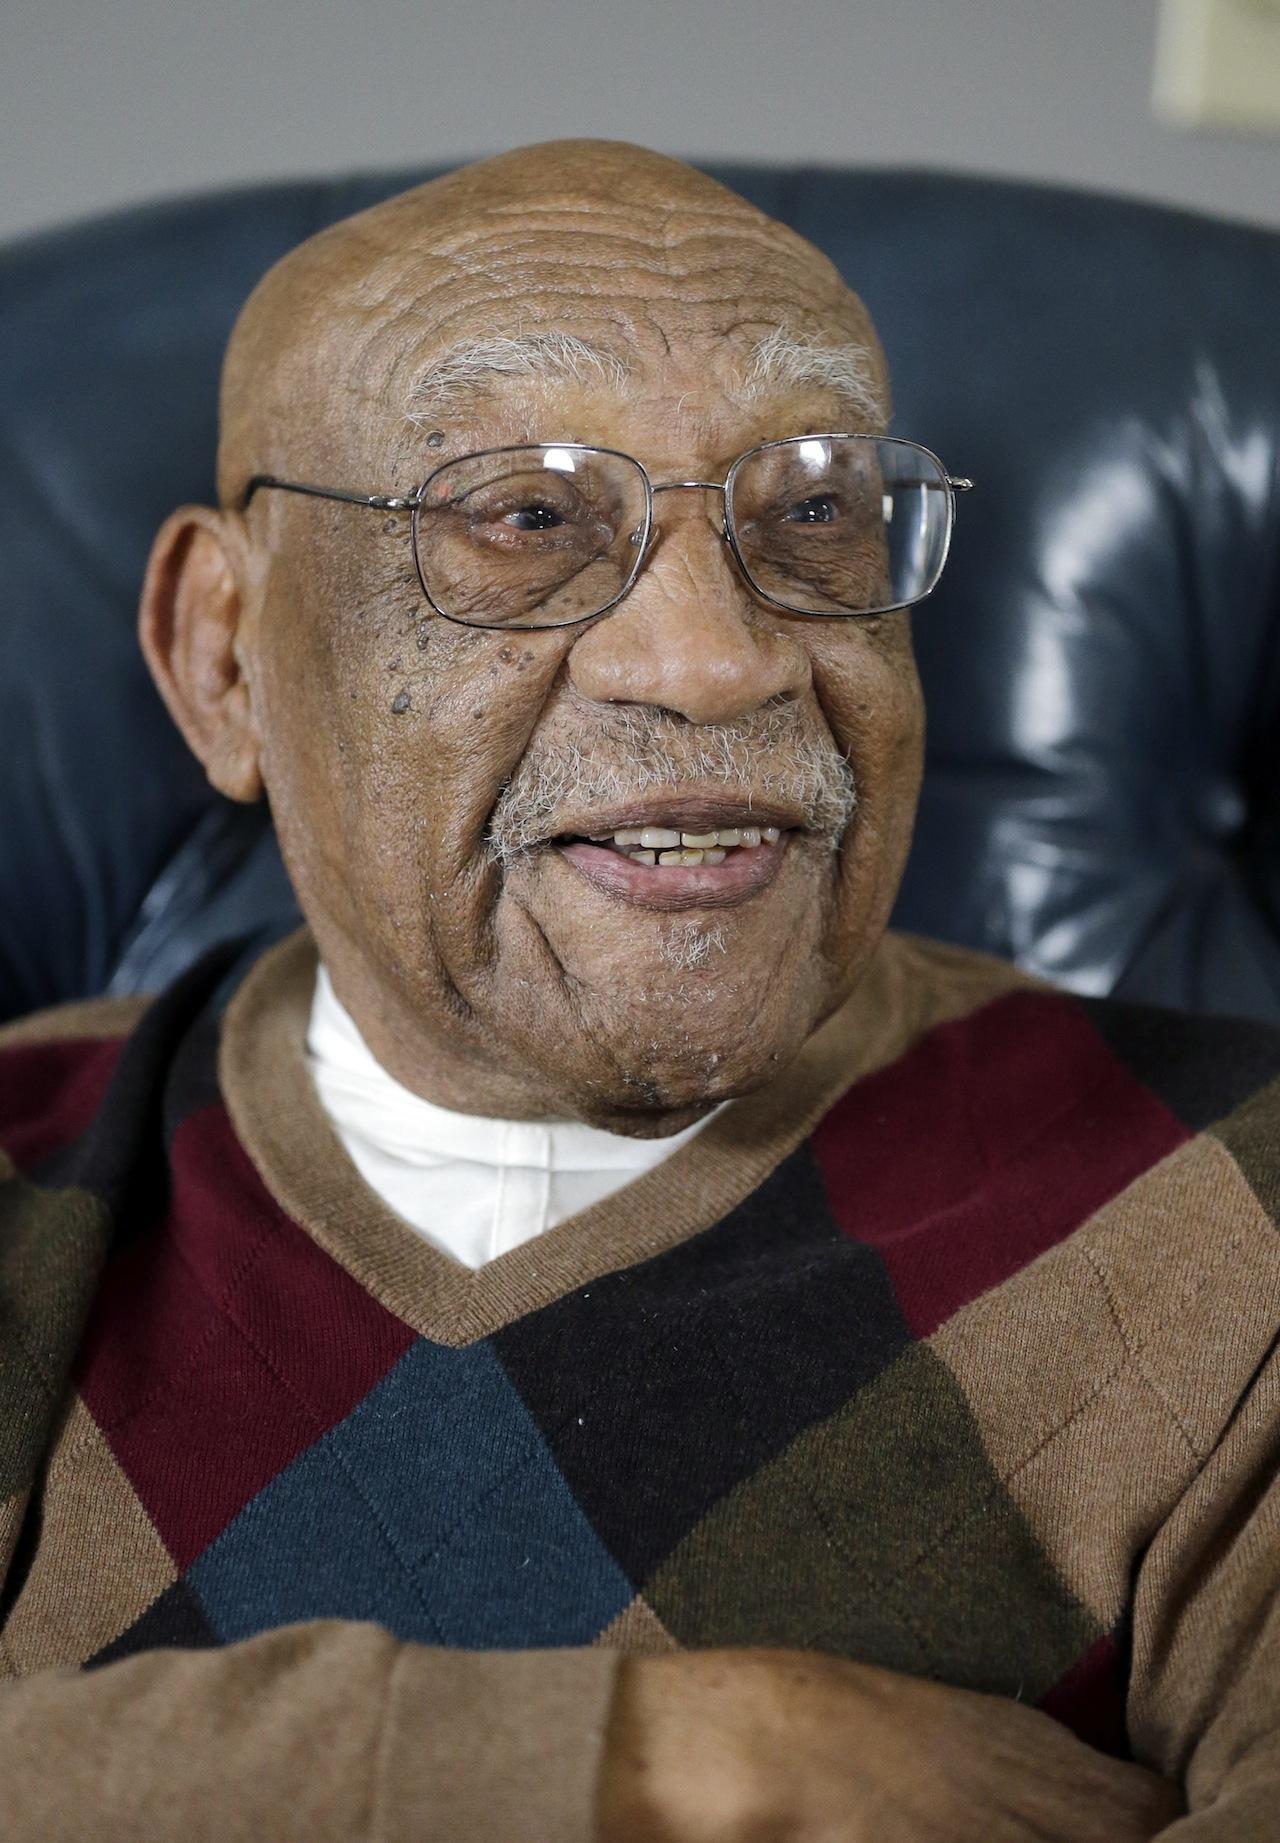 ชาร์ลี ซิฟฟอร์ด นักกอล์ฟผิวสีชาวอเมริกันคนแรก สิ้นใจแล้วในวัย 92 ปี ด้วยโรคชรา